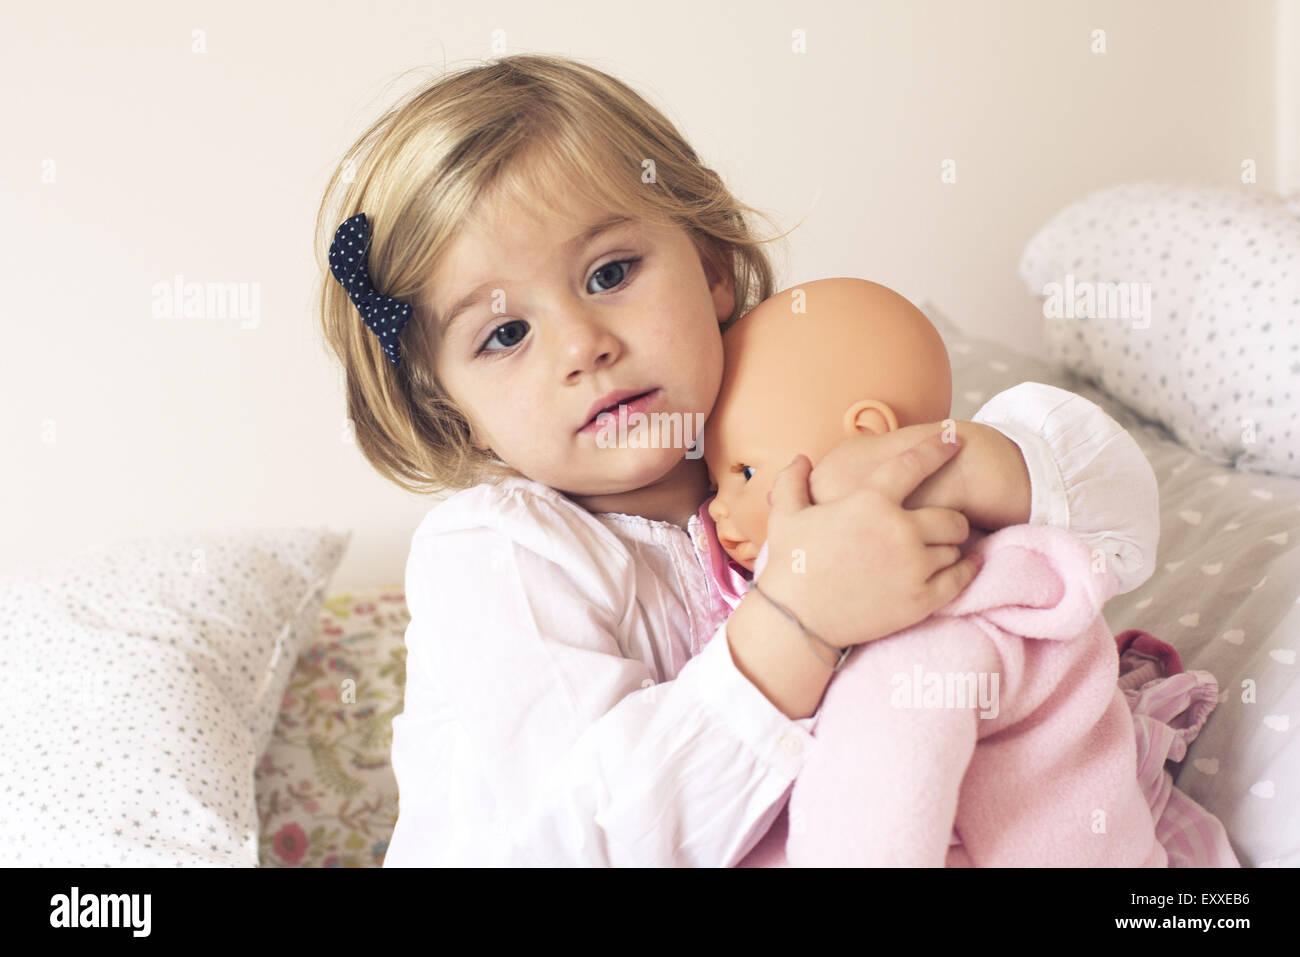 Little girl hugging doll - Stock Image